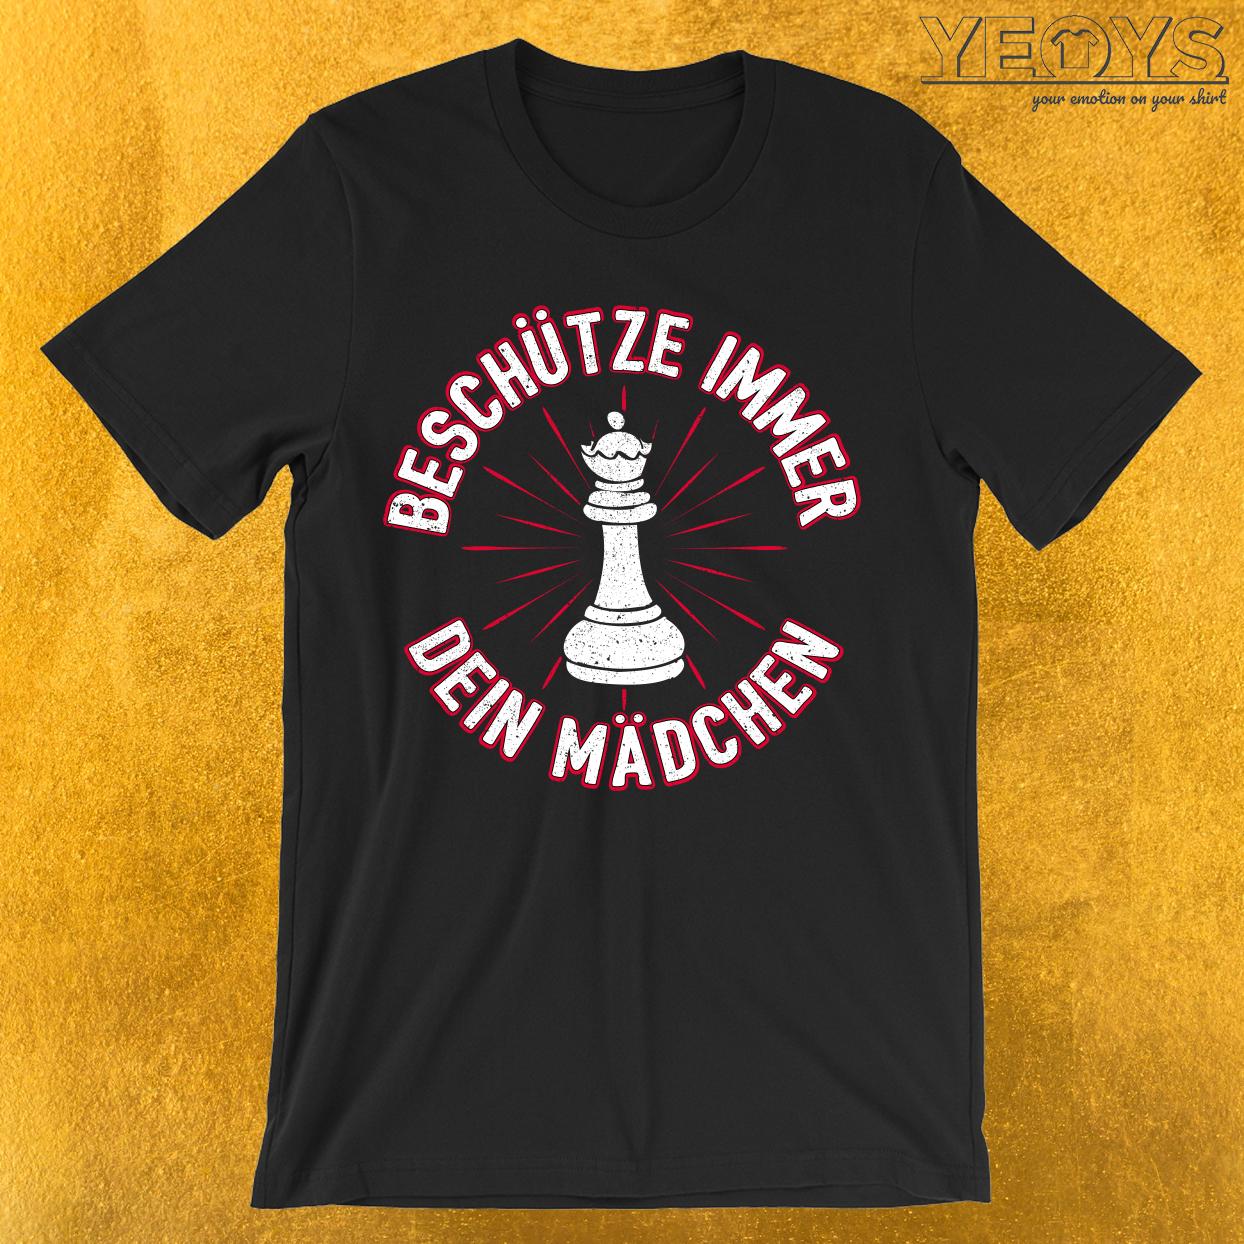 Beschütz Immer Dein Mädchen Dame Schach Figur T-Shirt